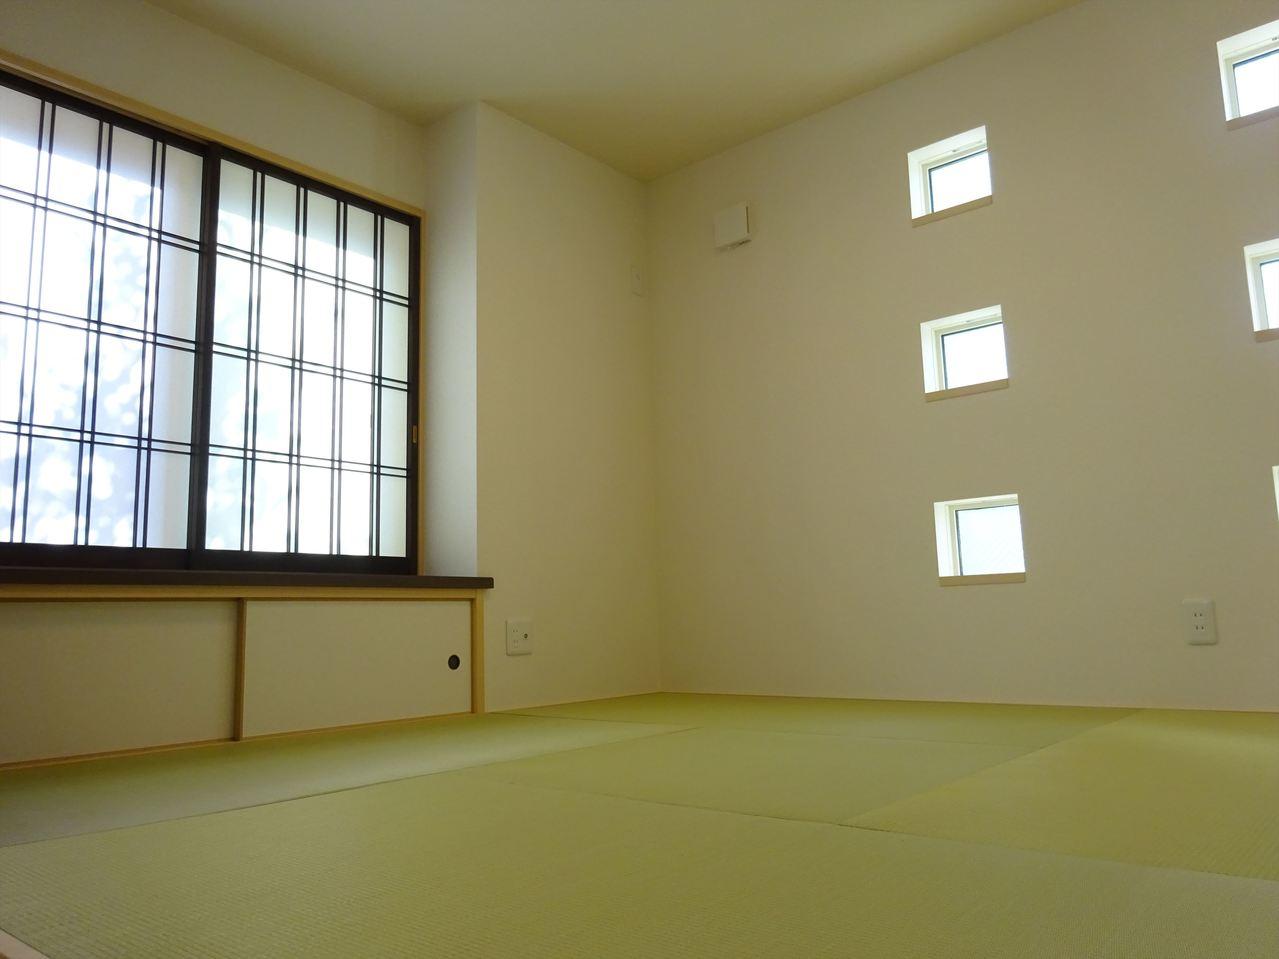 オシャレ和室♪♪収納力もばっちり! い草の香りに癒される和室♪日本の伝統を感じられる落ち着いた空間です♪